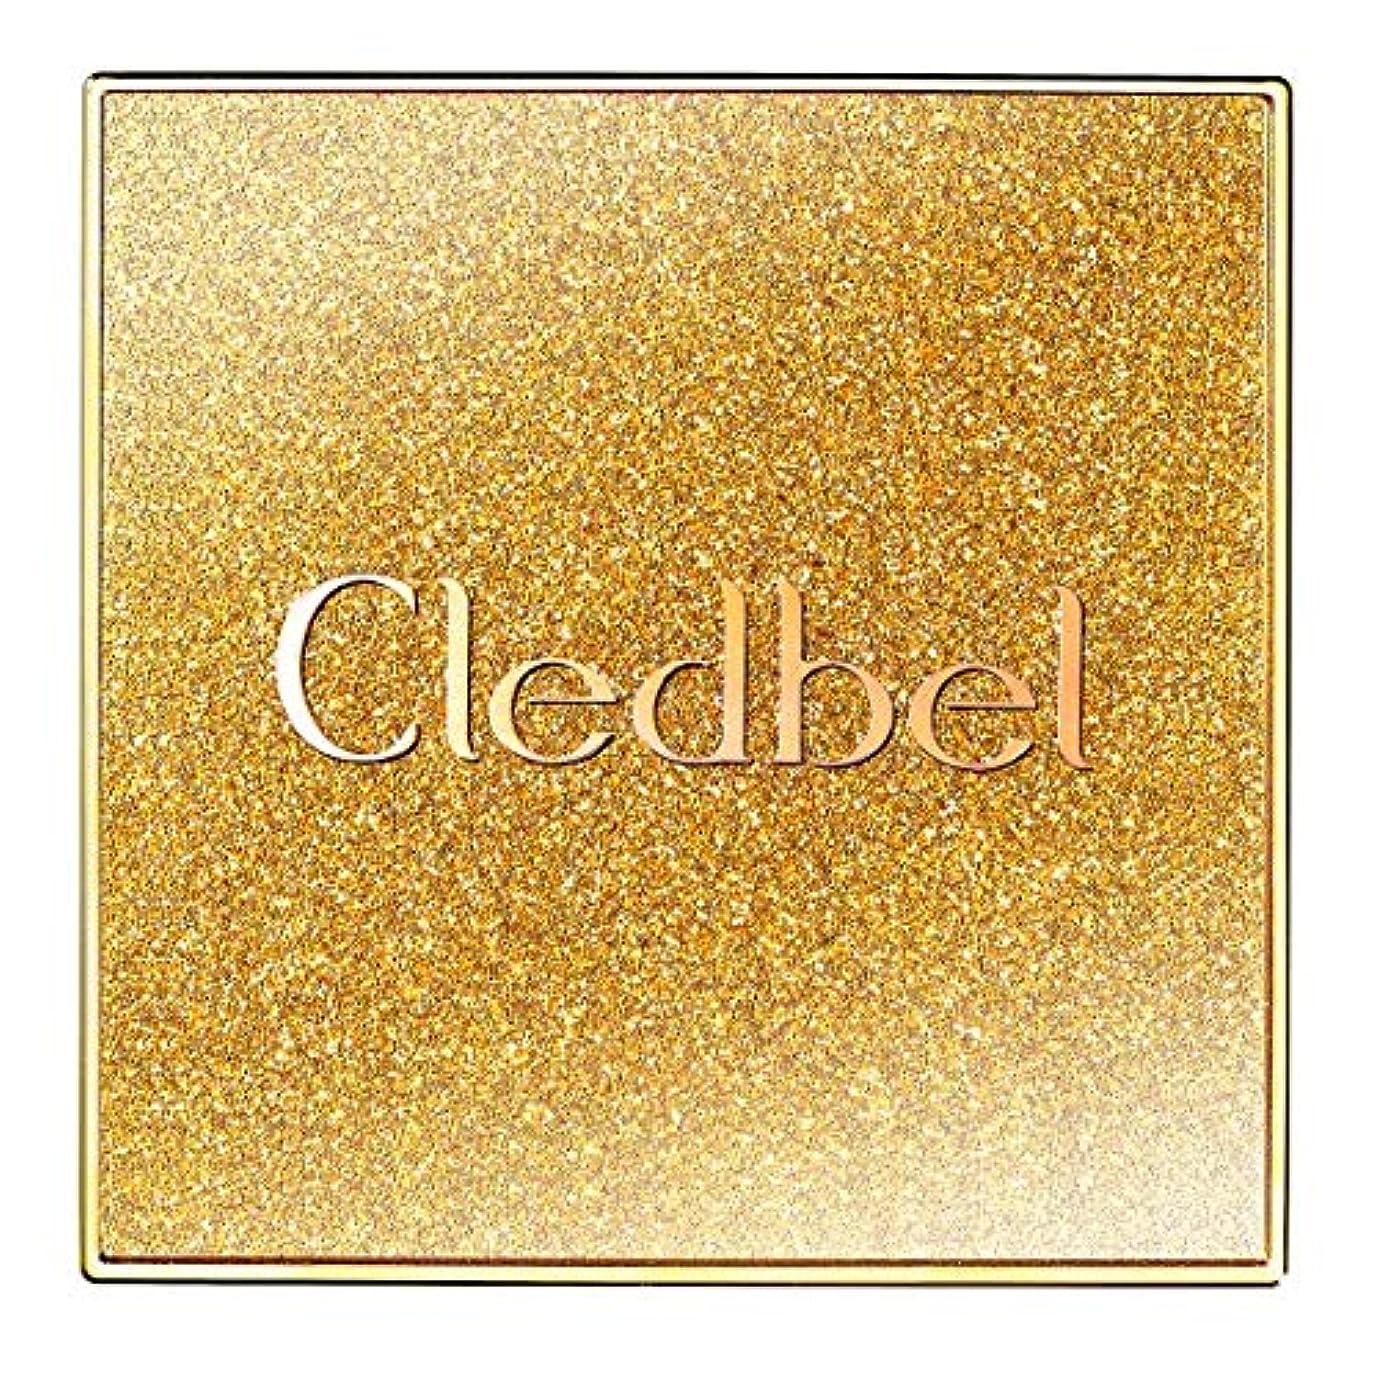 コーンウォール熟読する排除する[Cledbel] Miracle Power Lift V Cushion SPF50+ PA+++ GOLD EDITION/クレッドベルミラクルリフトV クッション [並行輸入品]